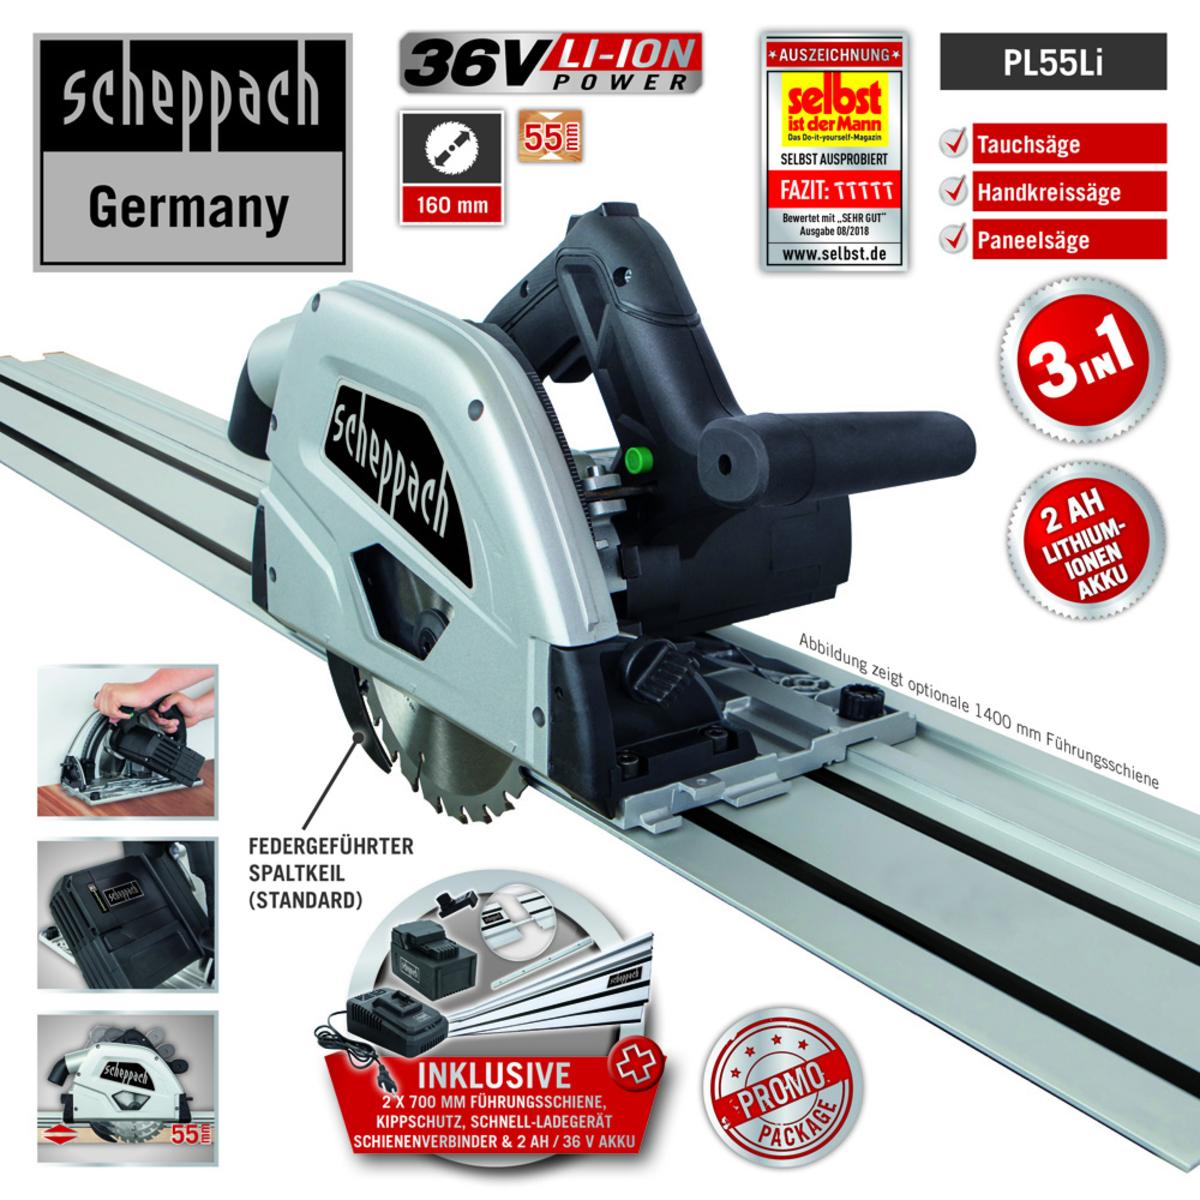 Bild 2 von Scheppach Akku-Tauchsäge PL55Li 160mm - Black Edition